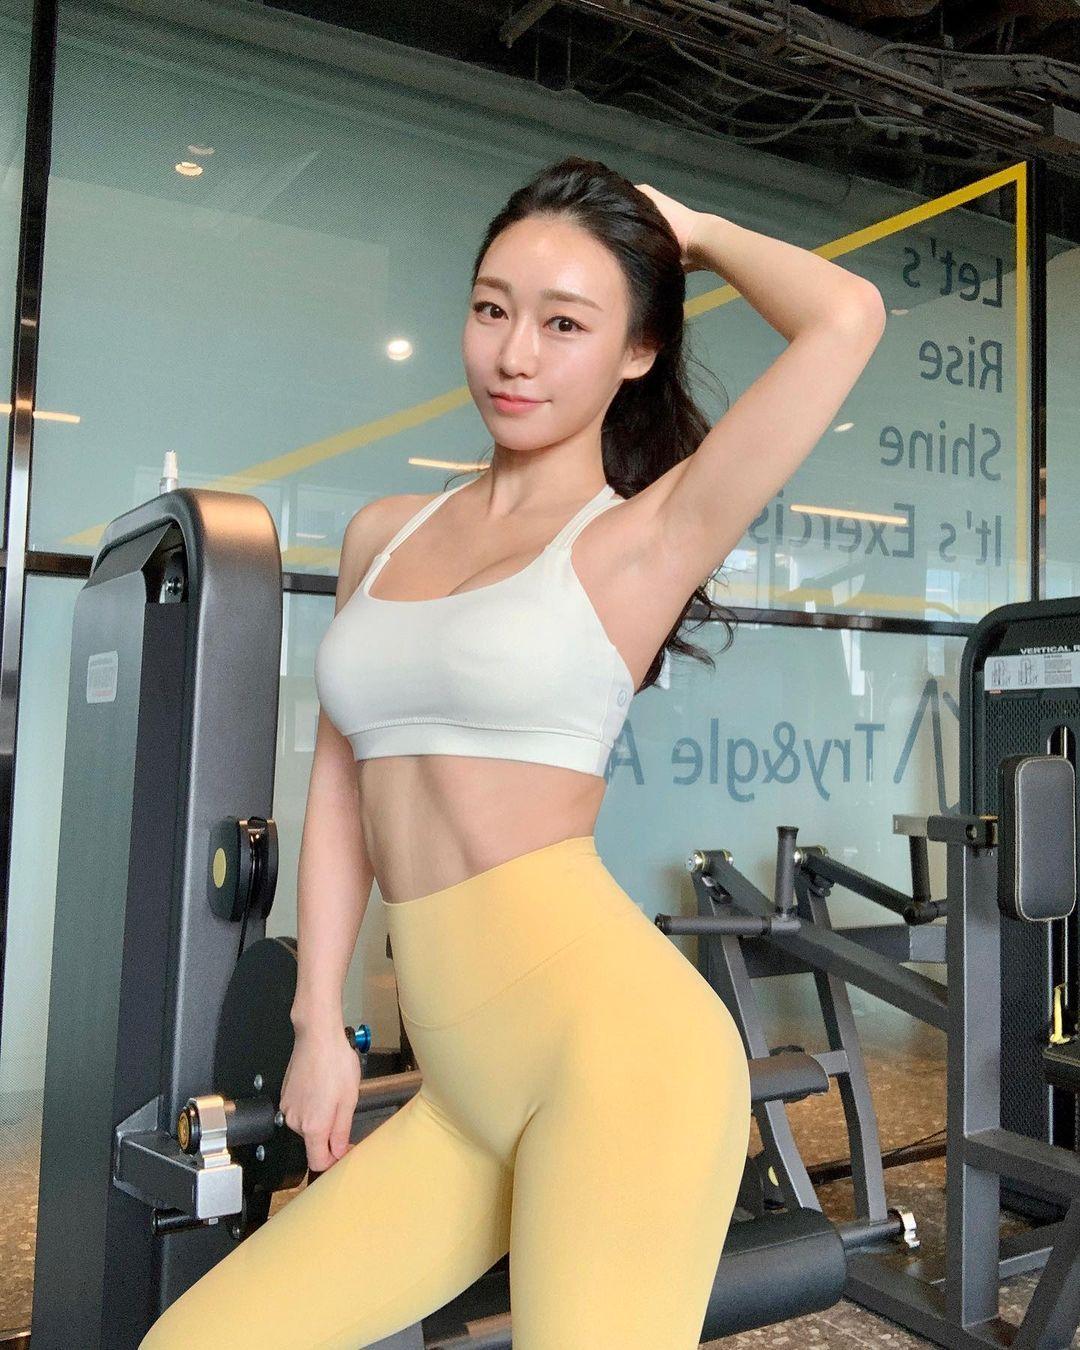 健身教练「루비우」长相标致、笑容甜美,身材更是教科书等级-新图包